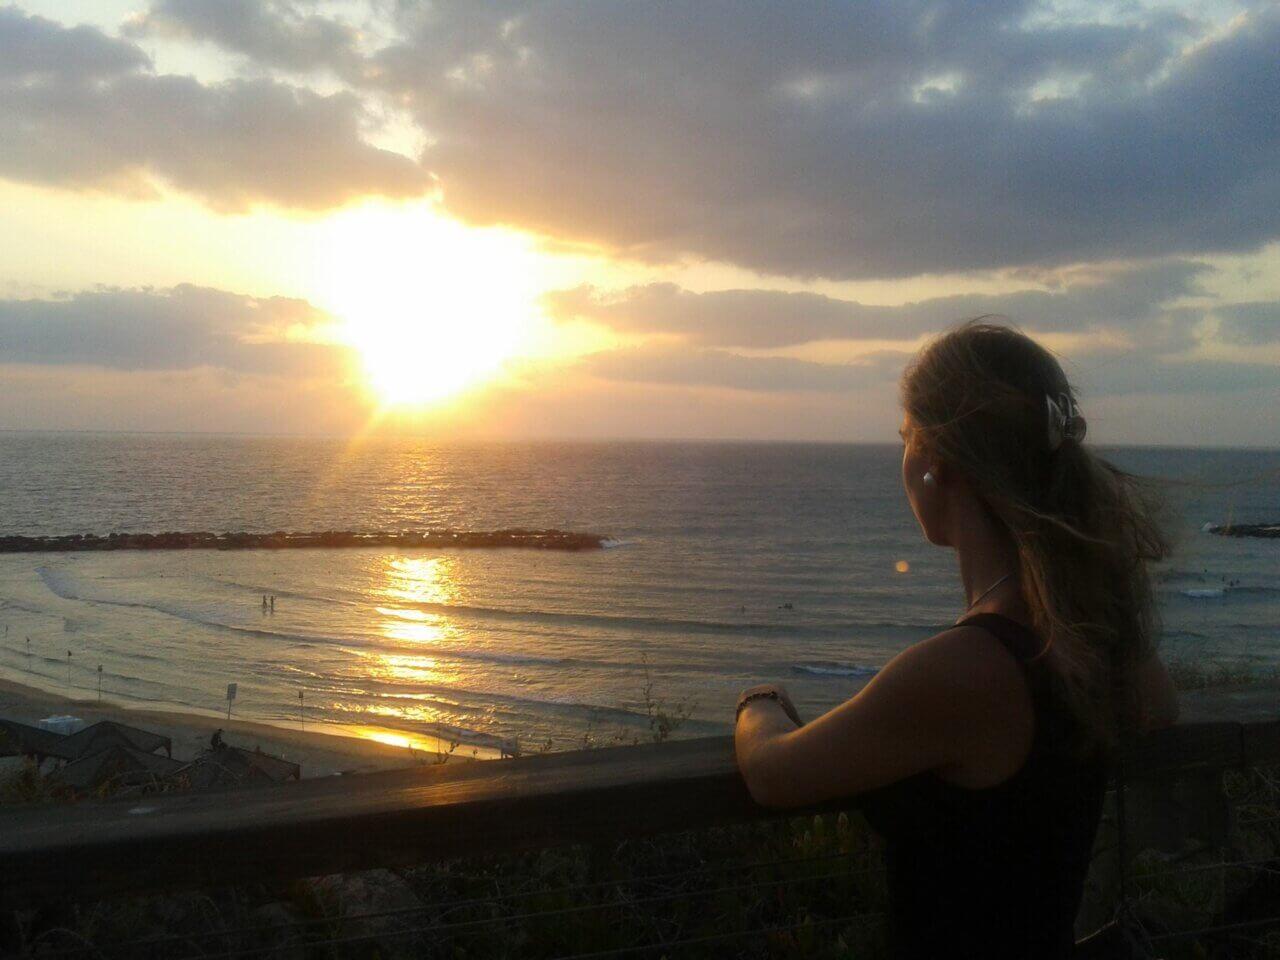 Vrouw kijkt tijdens de zonsondergang over de zee, leunt met haar arm op een balustrade.